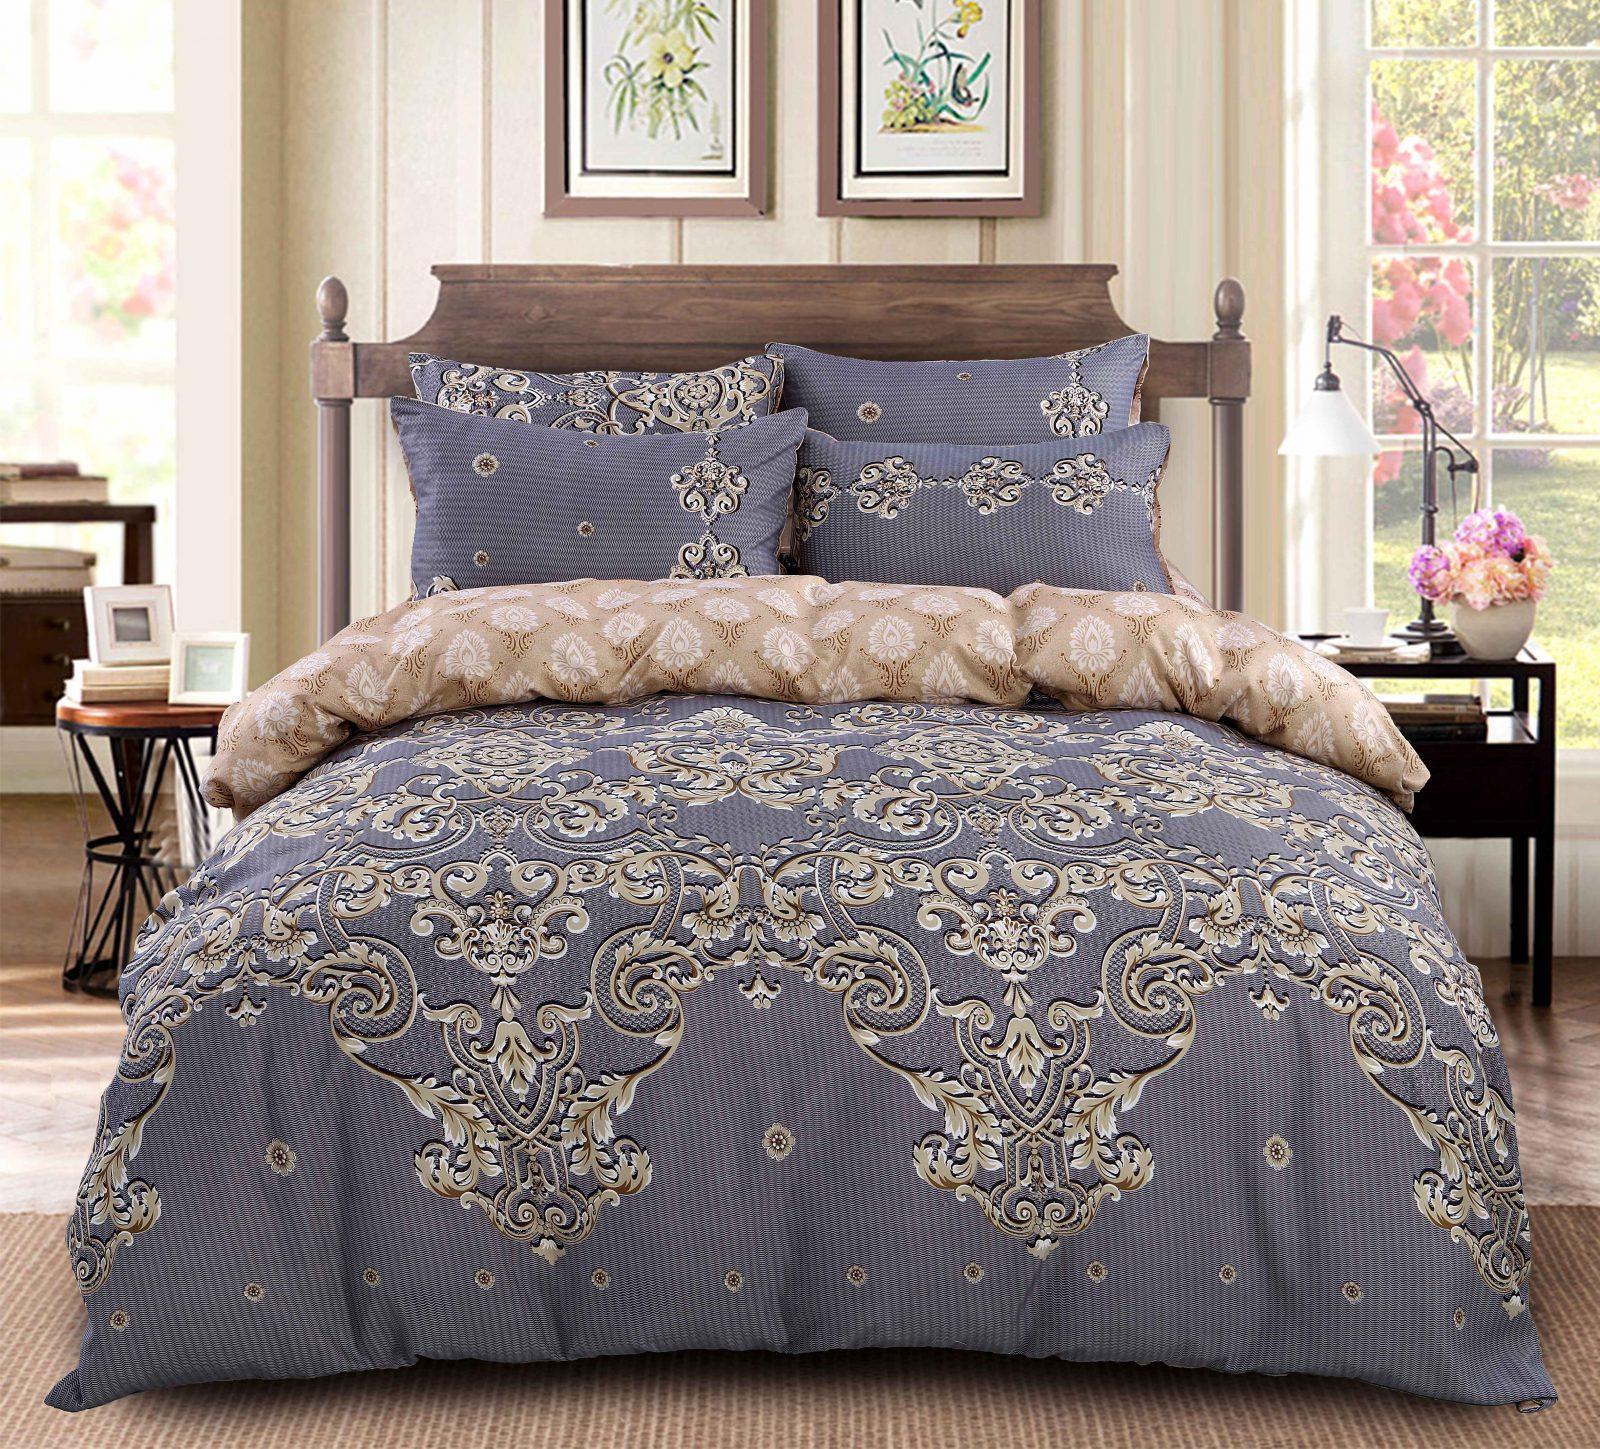 Хорошее постельное белье – залог качественного сна и отдыха